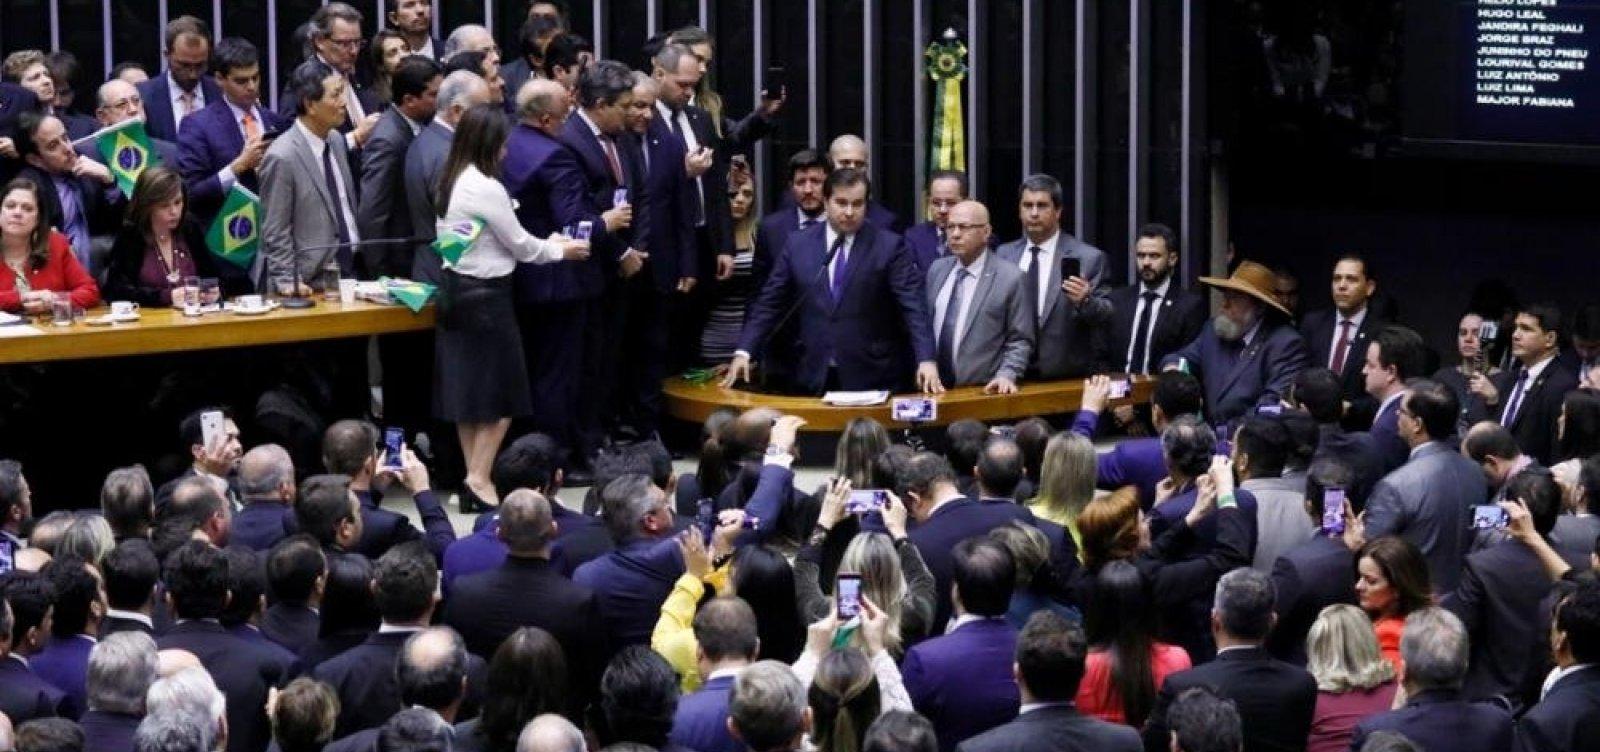 [Reforma da Previdência é aprovada em primeiro turno na Câmara]